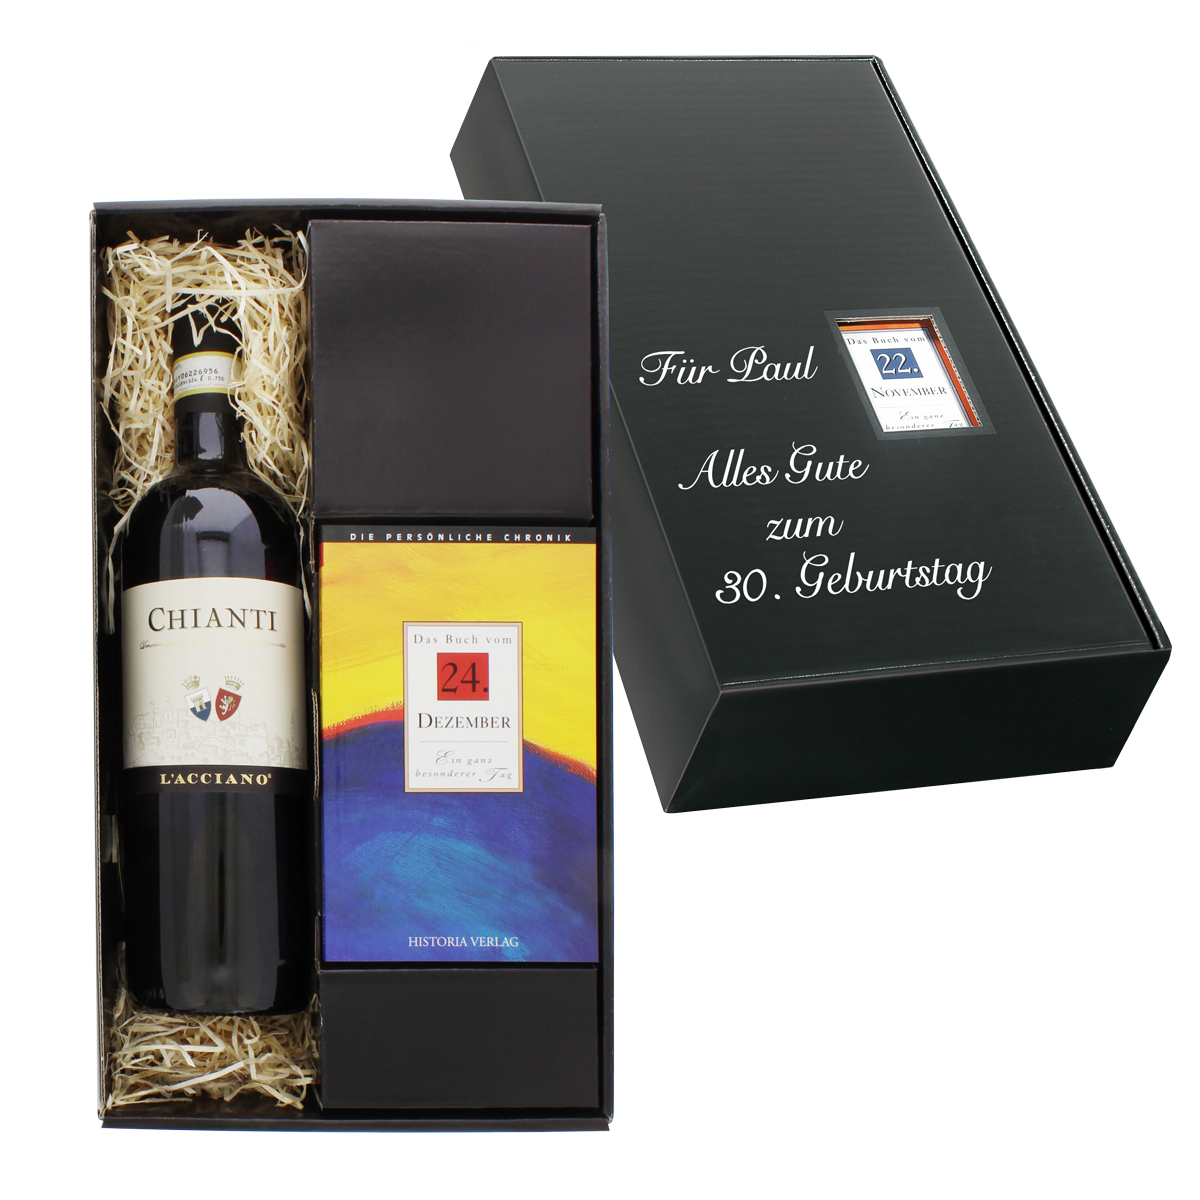 Italien-Set: Tageschronik vom 1. August & Chianti-Wein